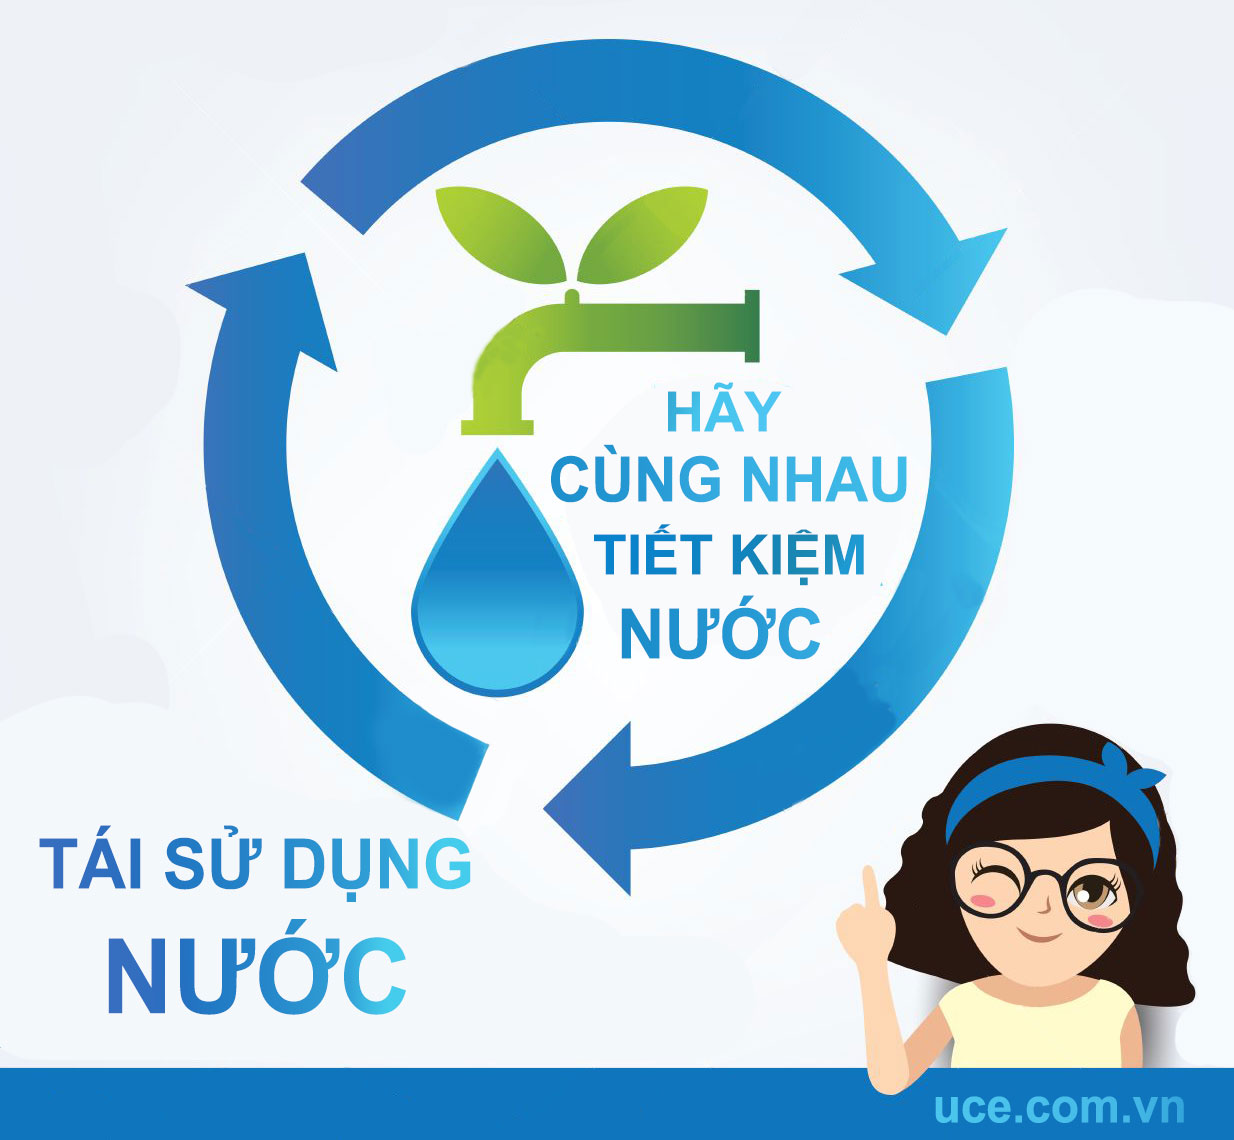 Tái sử dụng nguồn nước thải là giải pháp giúp tiết kiệm chi phí hiệu quả cần được áp dụng rộng rãi